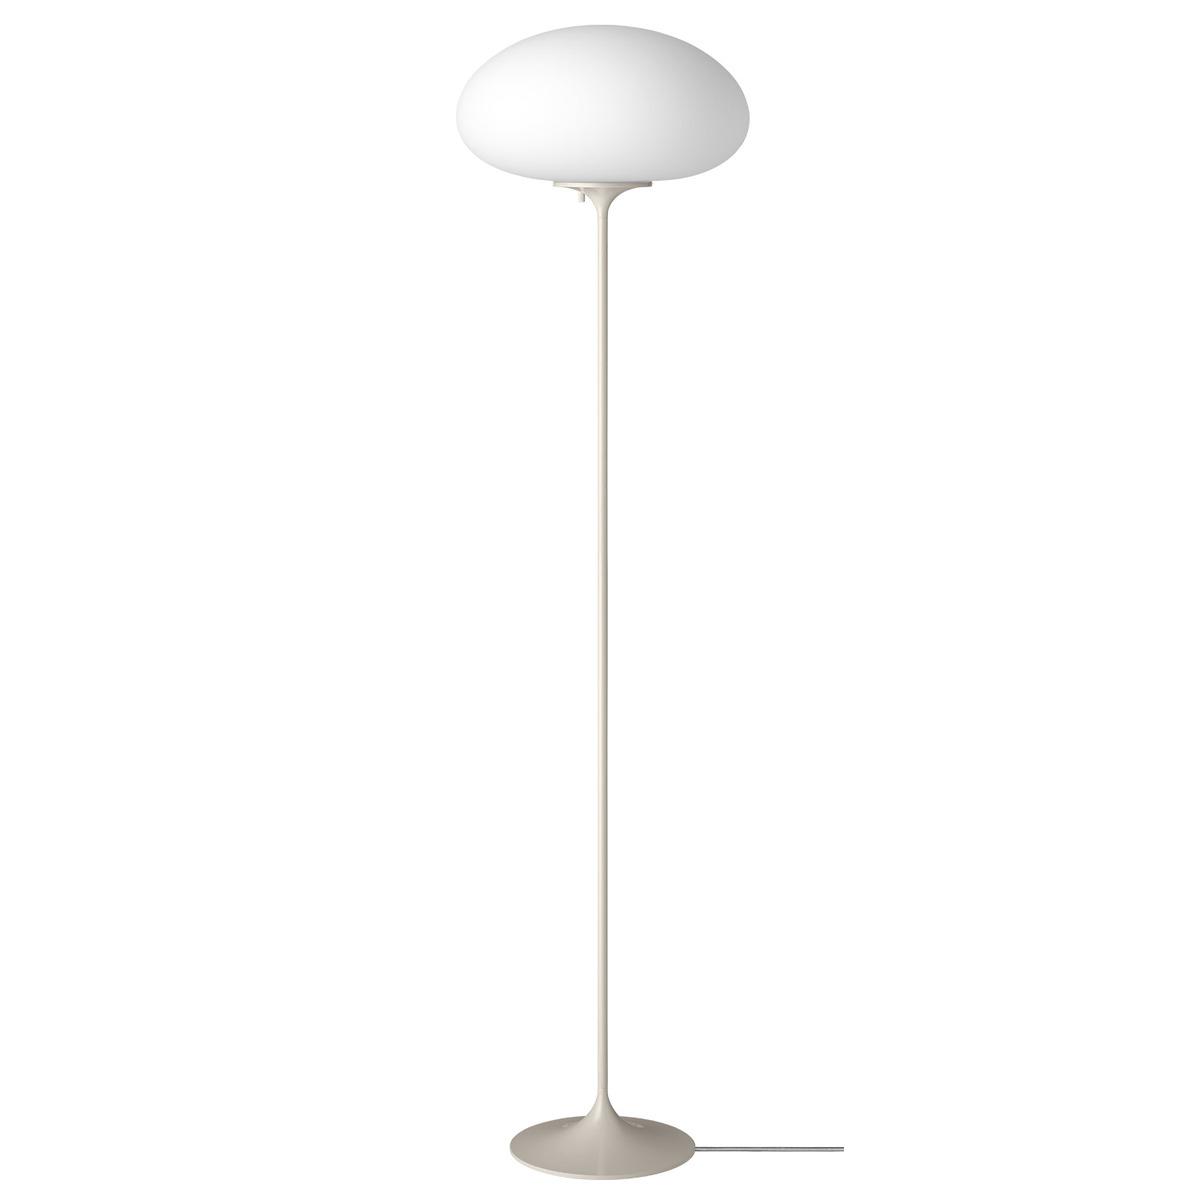 Gubi Stemlite Floor Lamp, 150 Cm, Pebble Grey